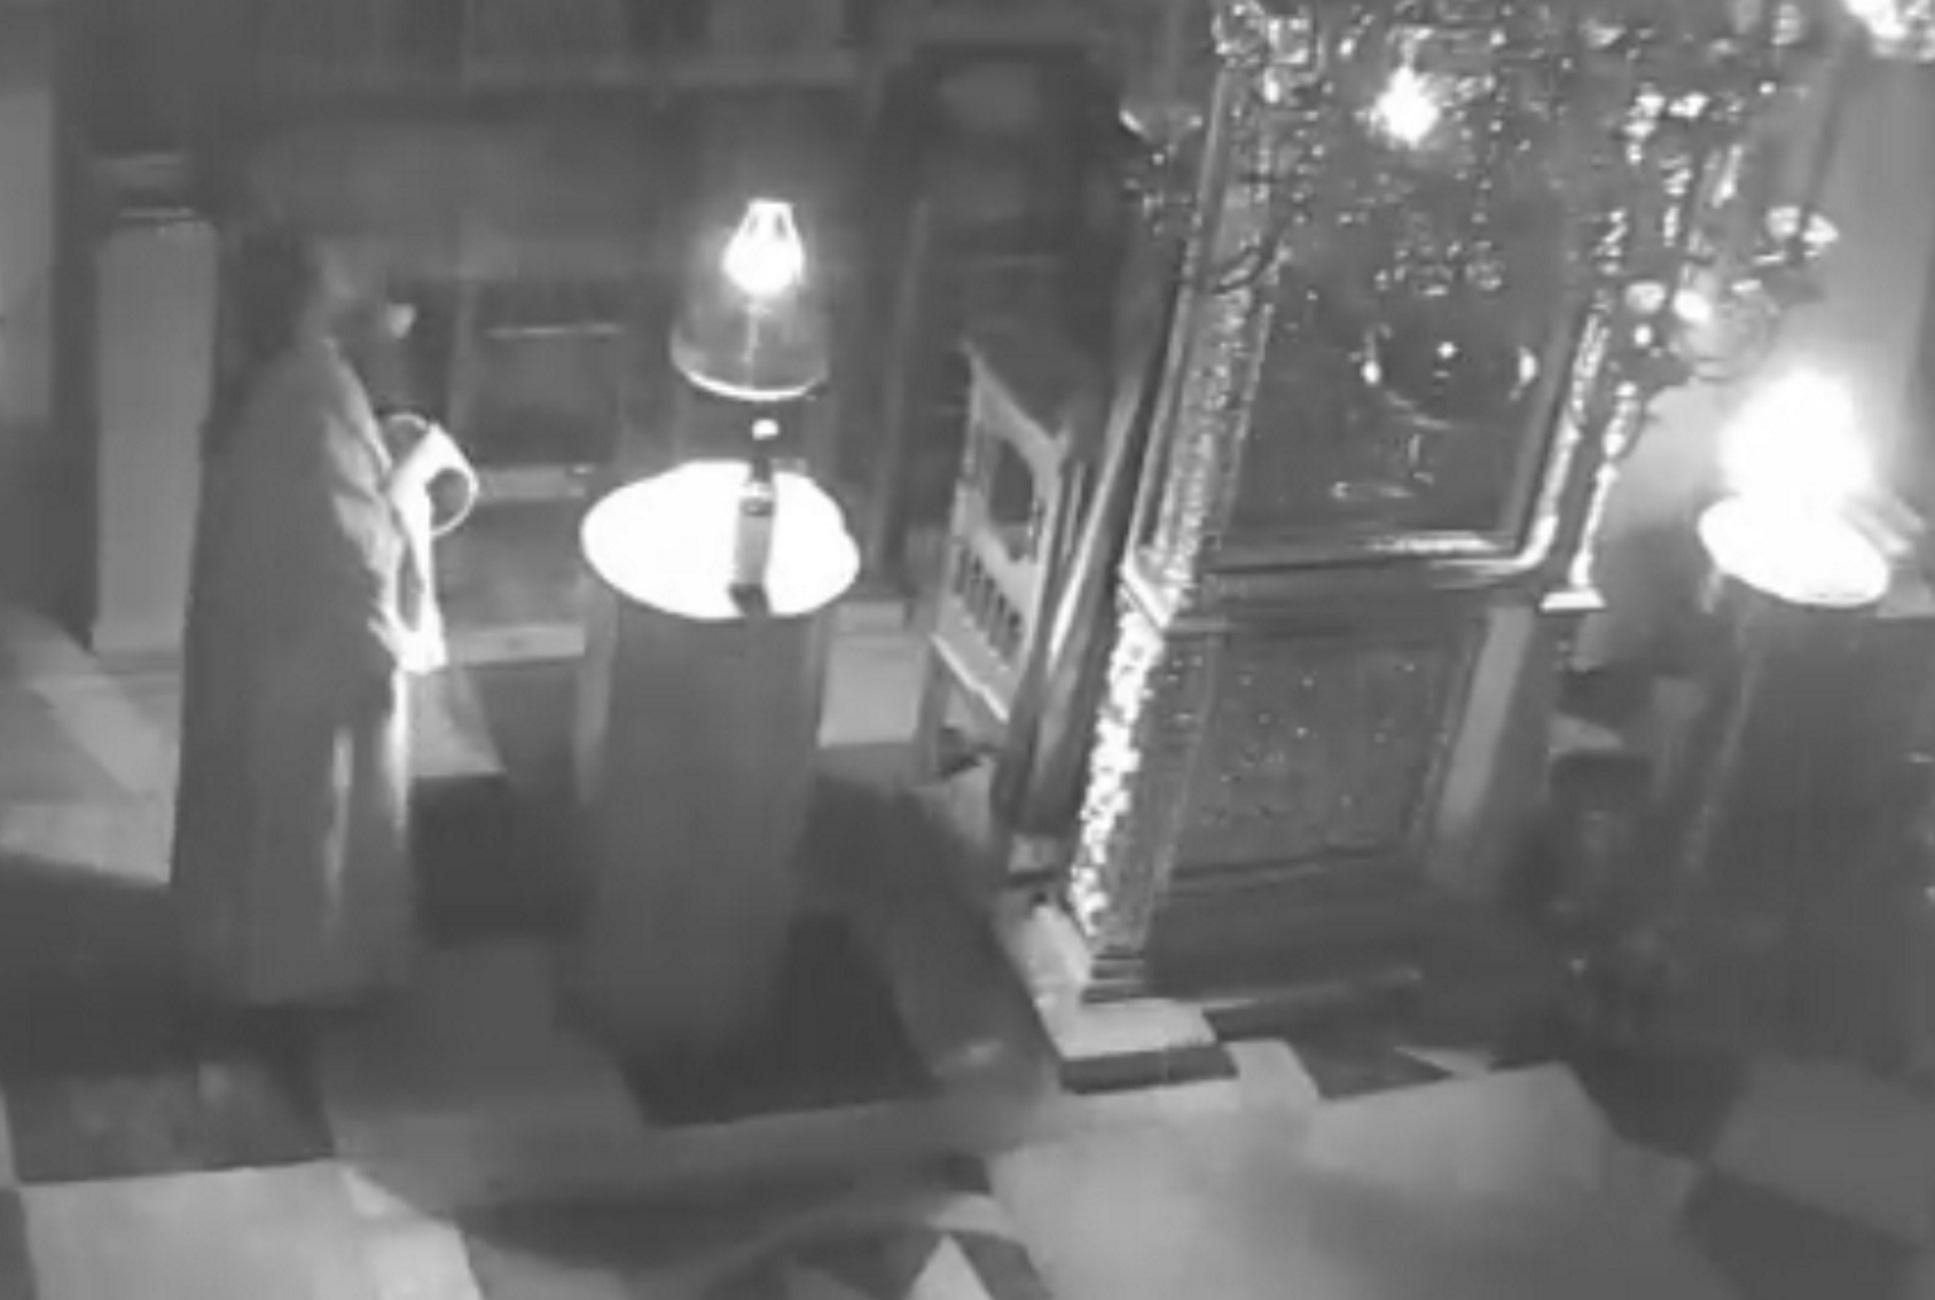 Άγιο Όρος: Ο σεισμός των 5,2 Ρίχτερ και η αντίδραση του μοναχού που προκαλεί εντύπωση! Δείτε το νέο βίντεο